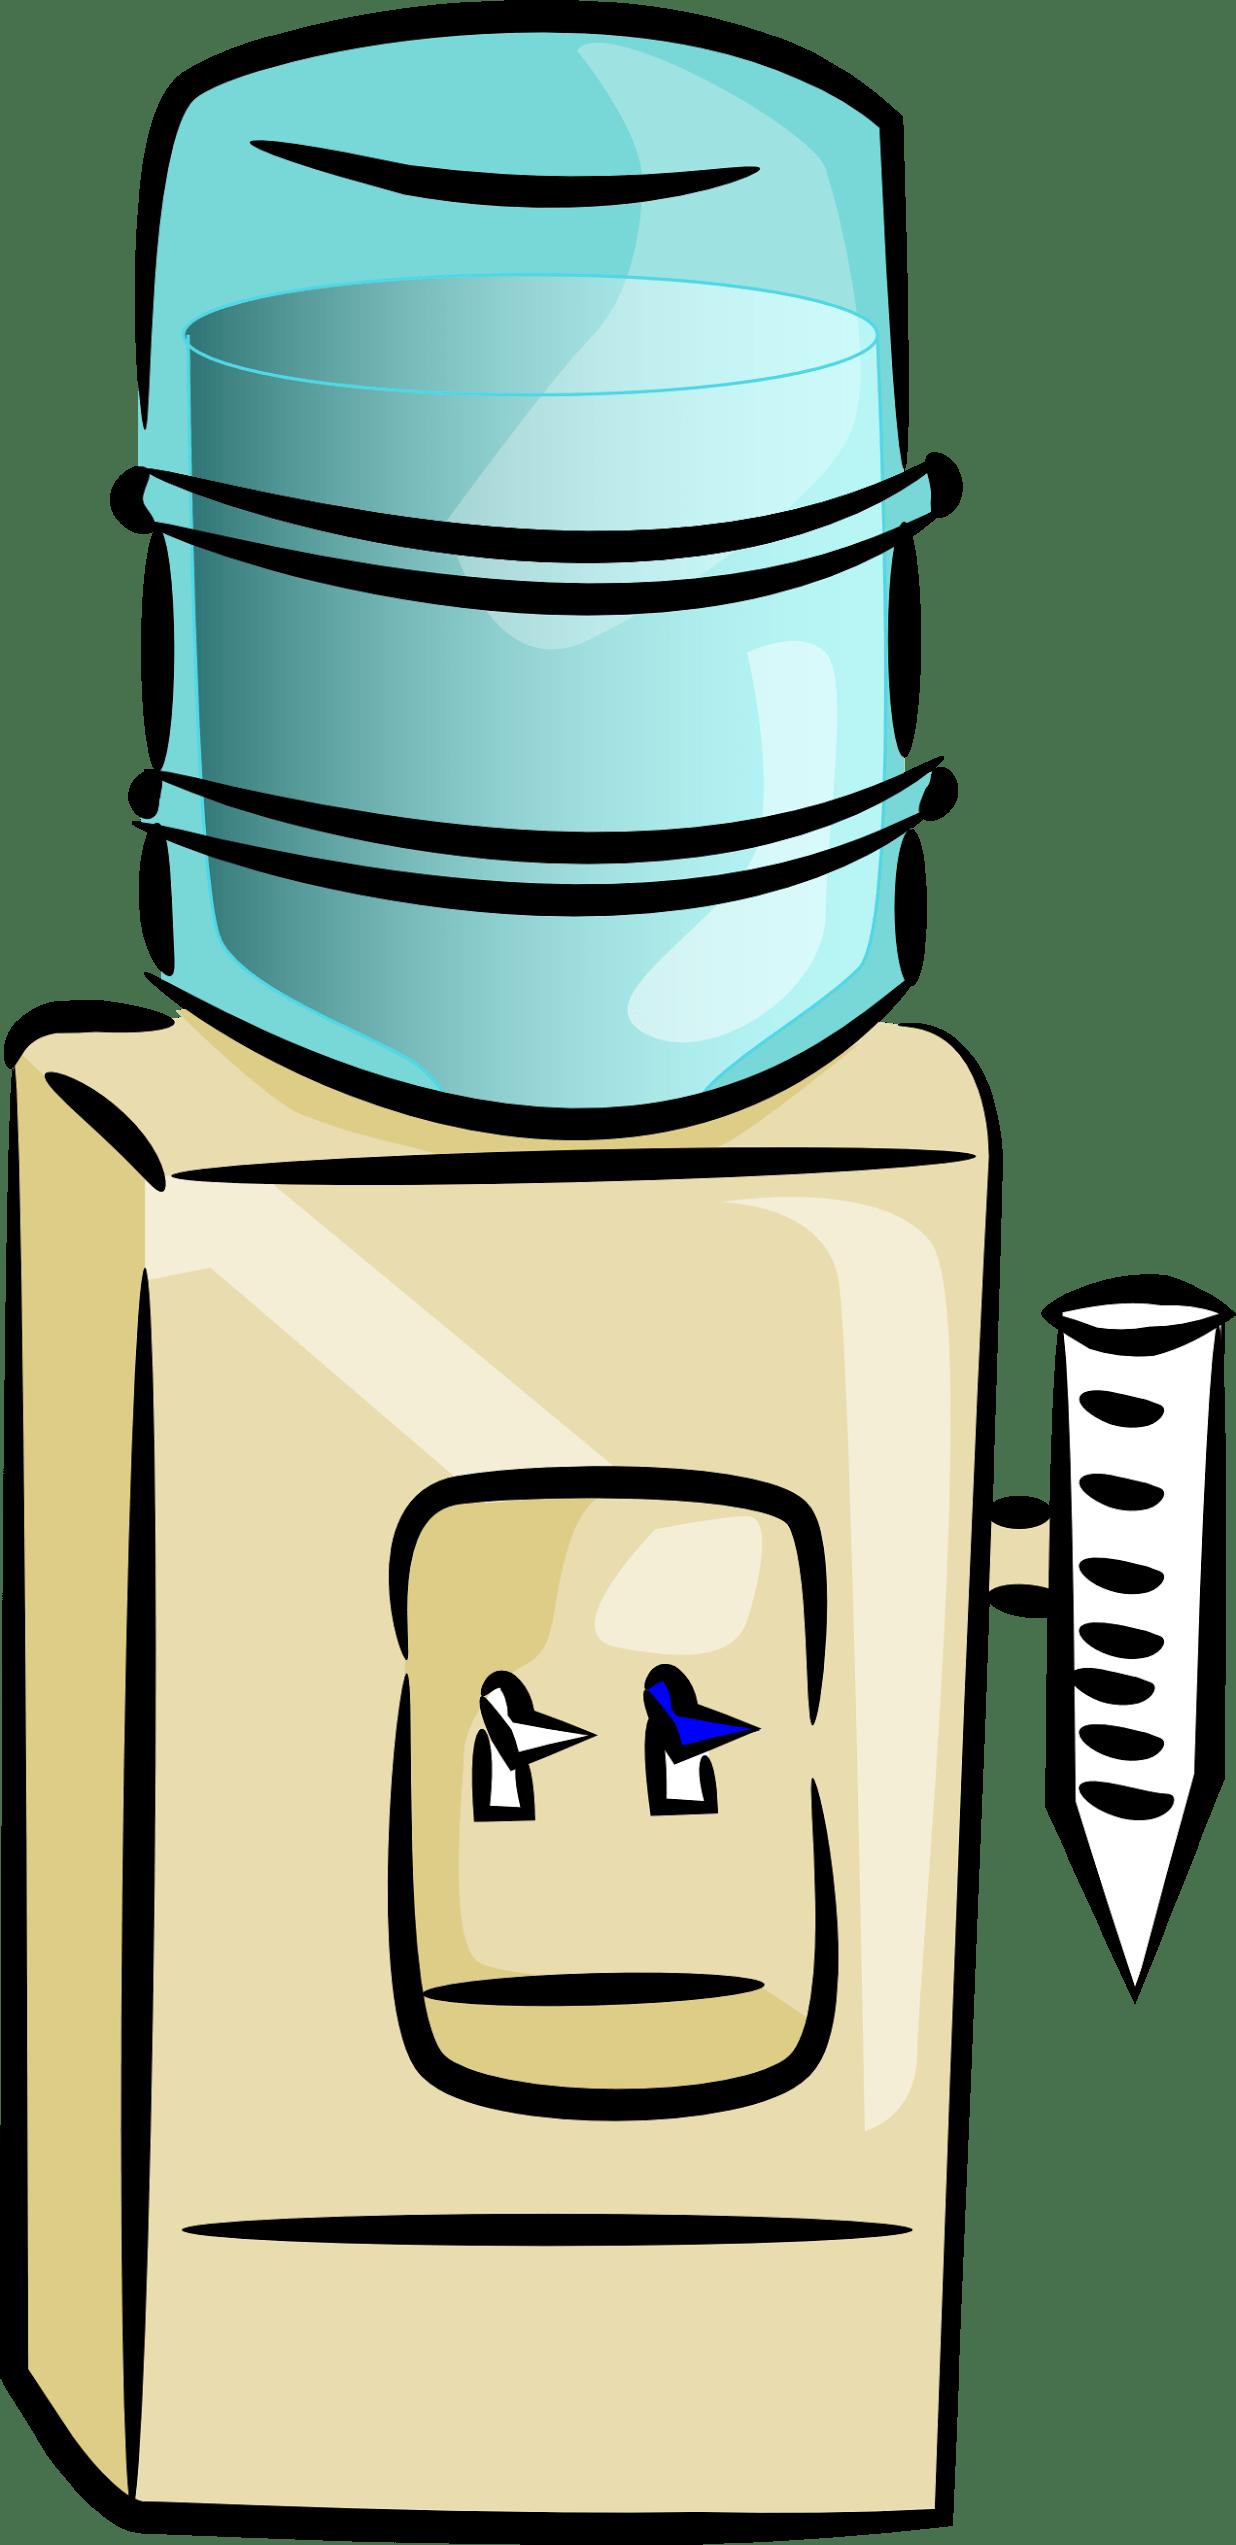 Water dispenser clipart 1 » Clipart Portal.